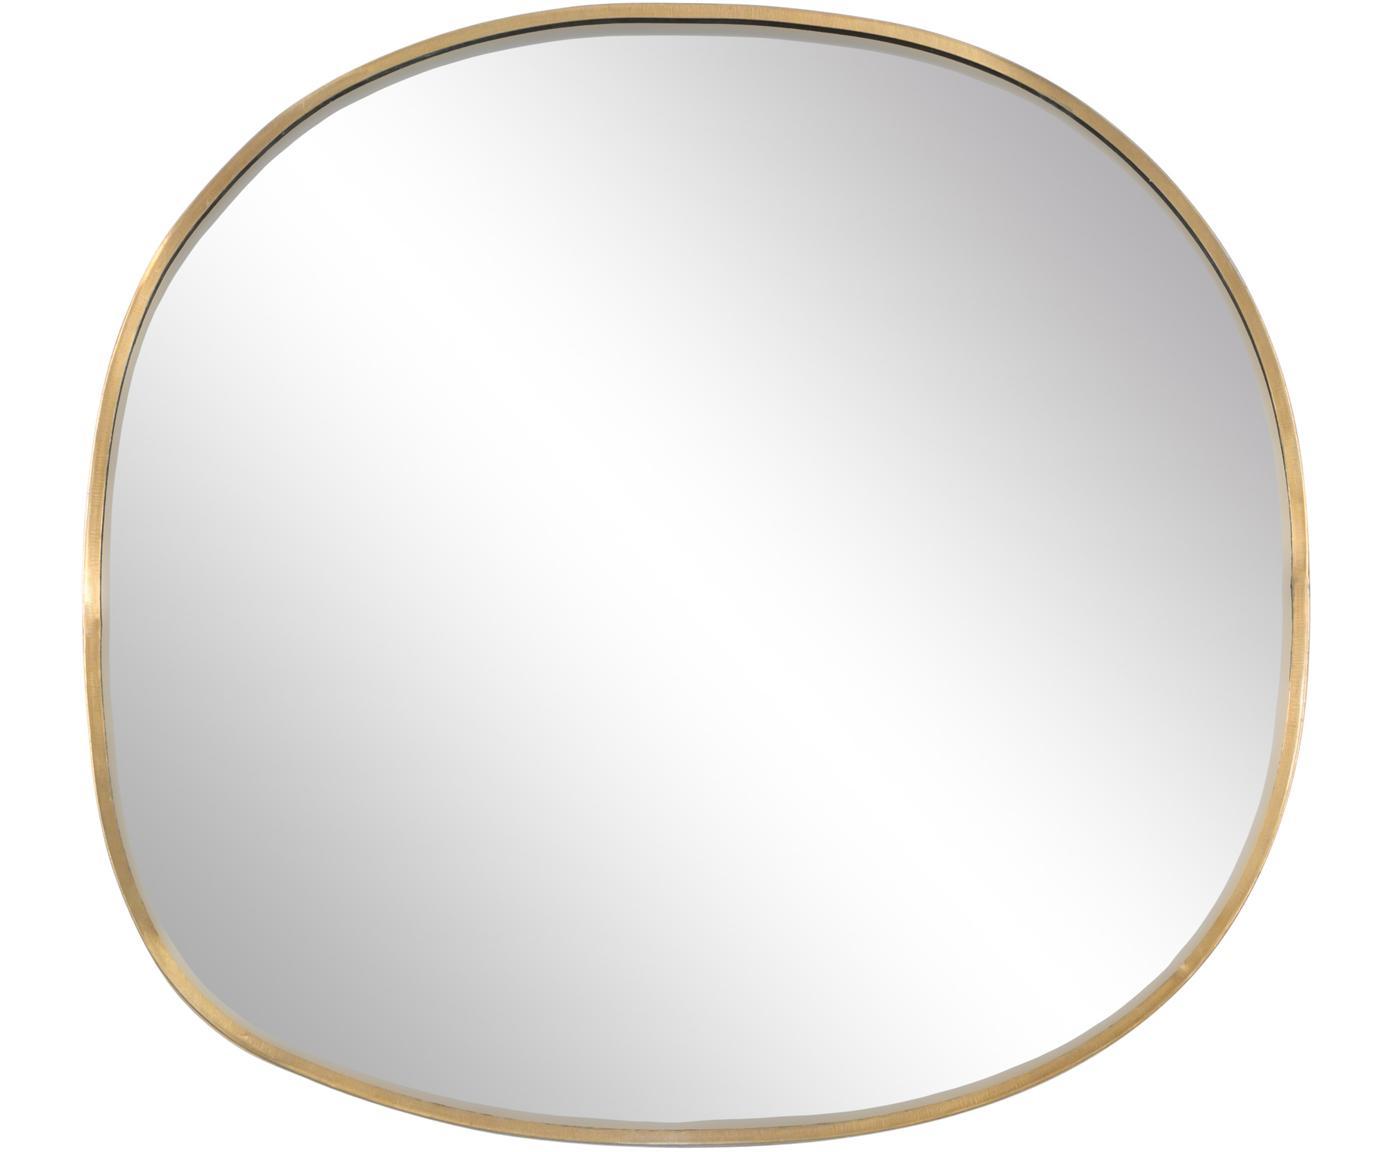 Specchio da parete Daily Pretty, Cornice: ottone, Superficie dello specchio: lastra di vetro, Ottone, Larg. 27 x Alt. 25 cm